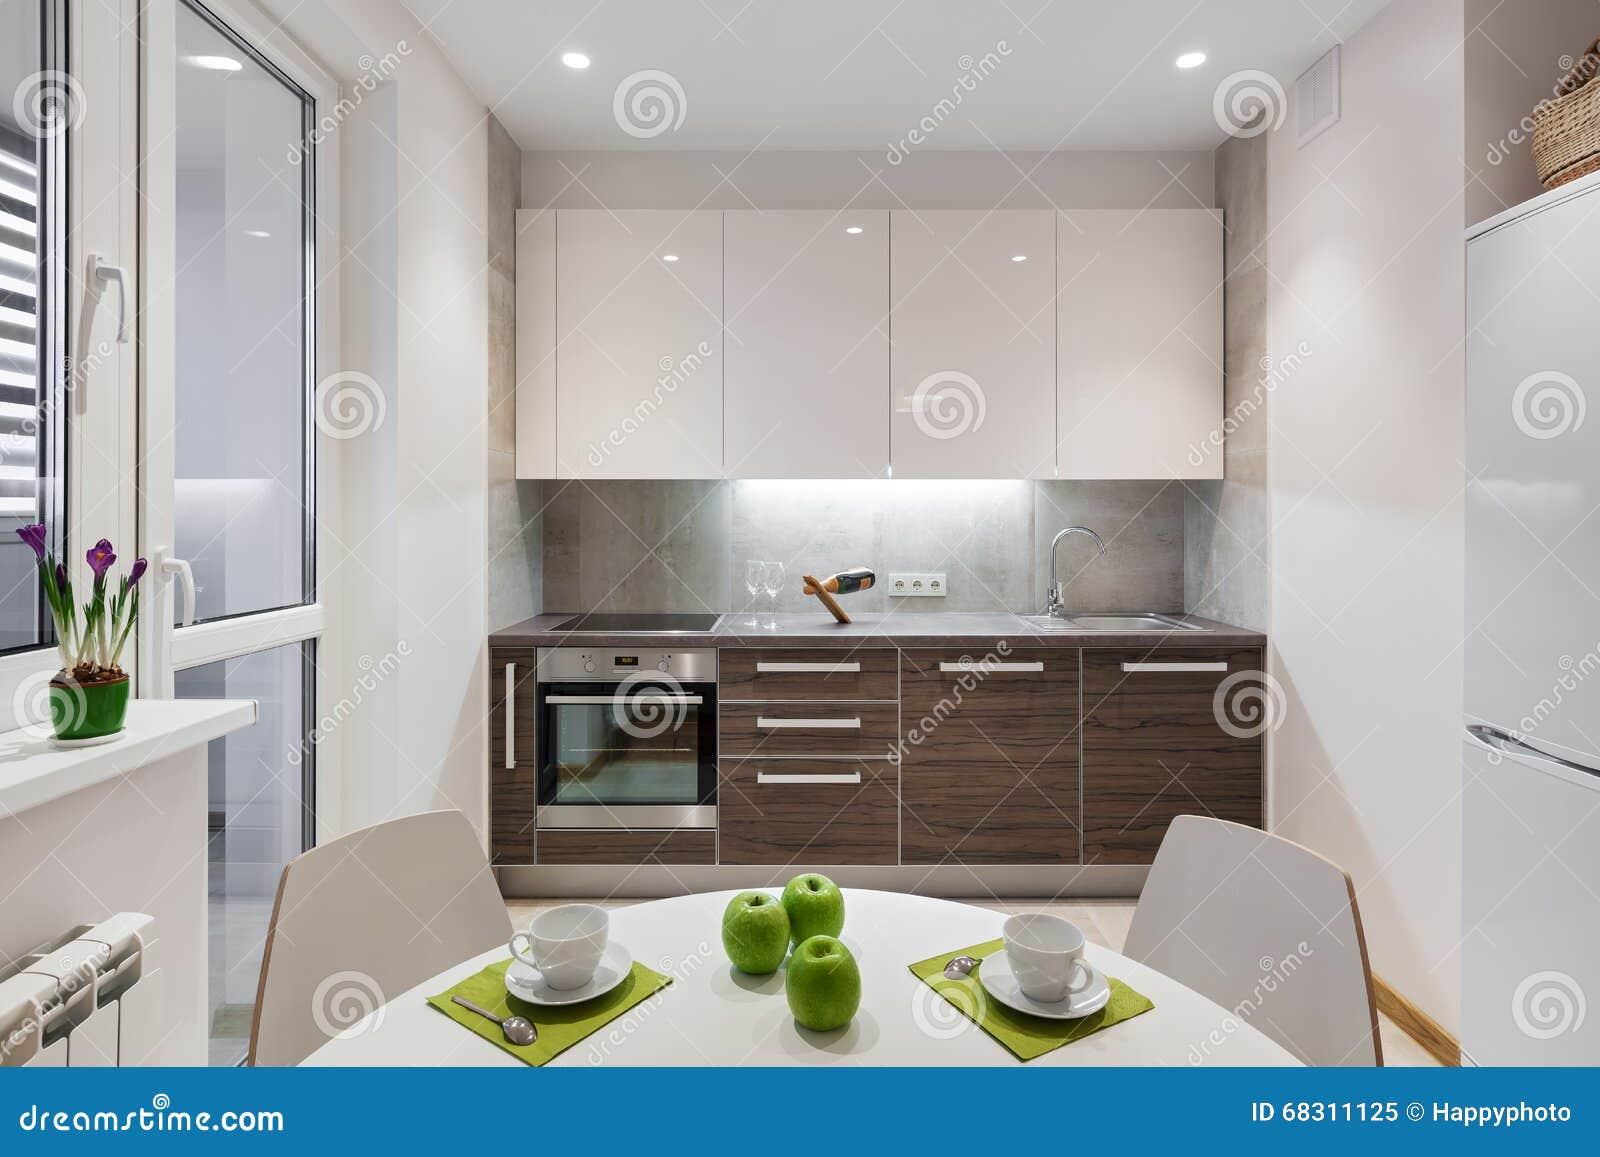 Interno della cucina in appartamento moderno nello stile for Interno moderno